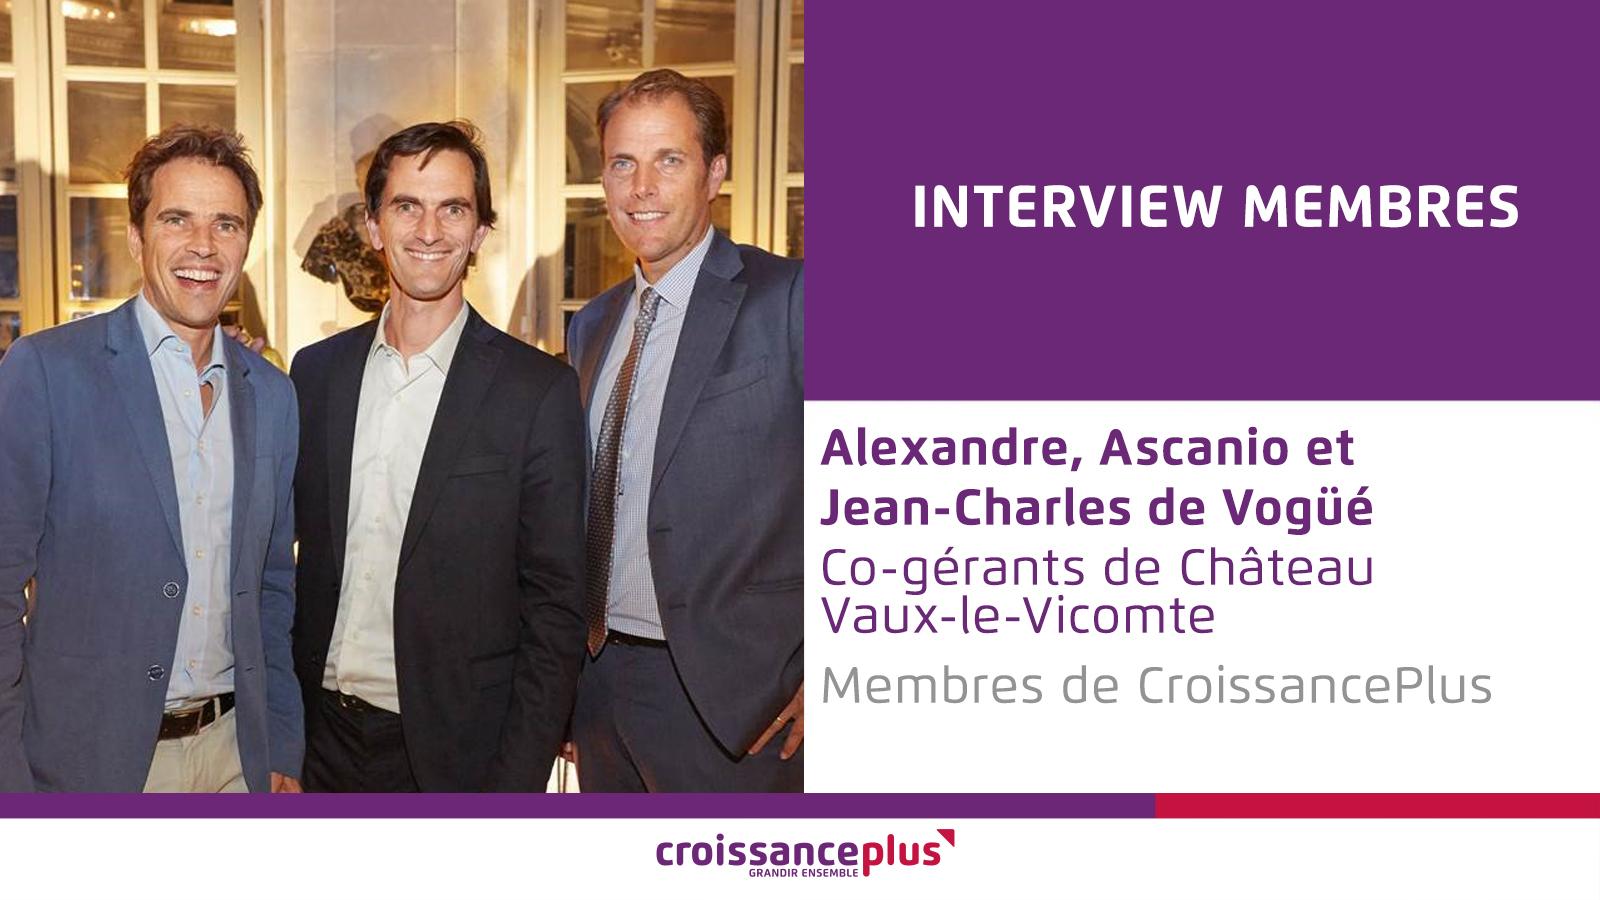 Découvrez Alexandre, Ascanio et Jean-Charles de Vogüé, co-gérants de Château Vaux-le-Vicomte